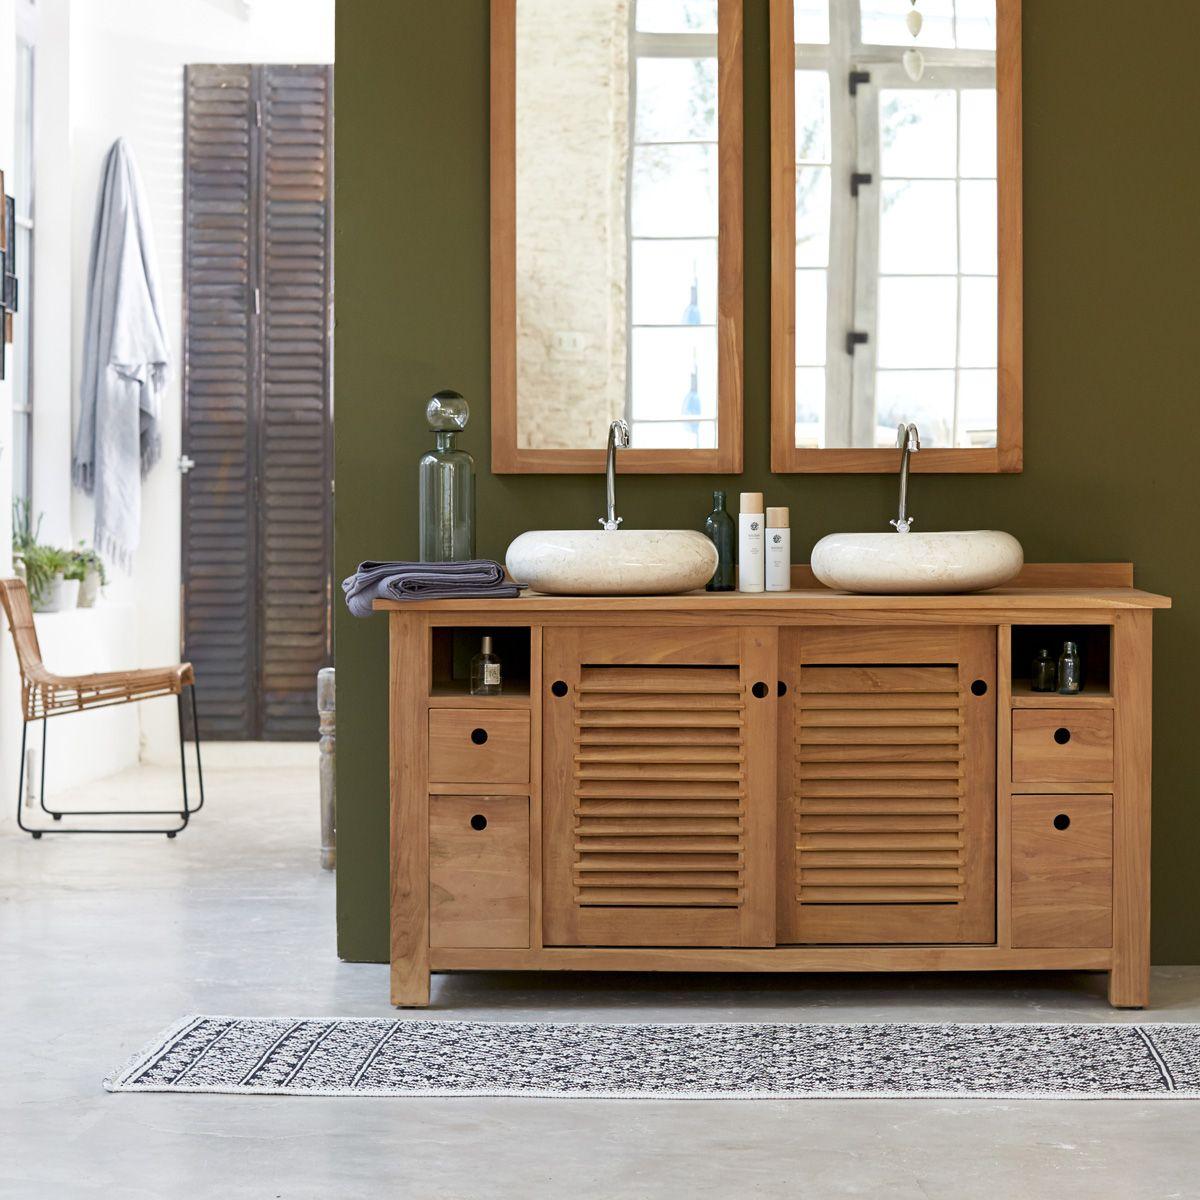 Badunterschrank aus Teak 145 Coline | Badideen-Waschtische ...